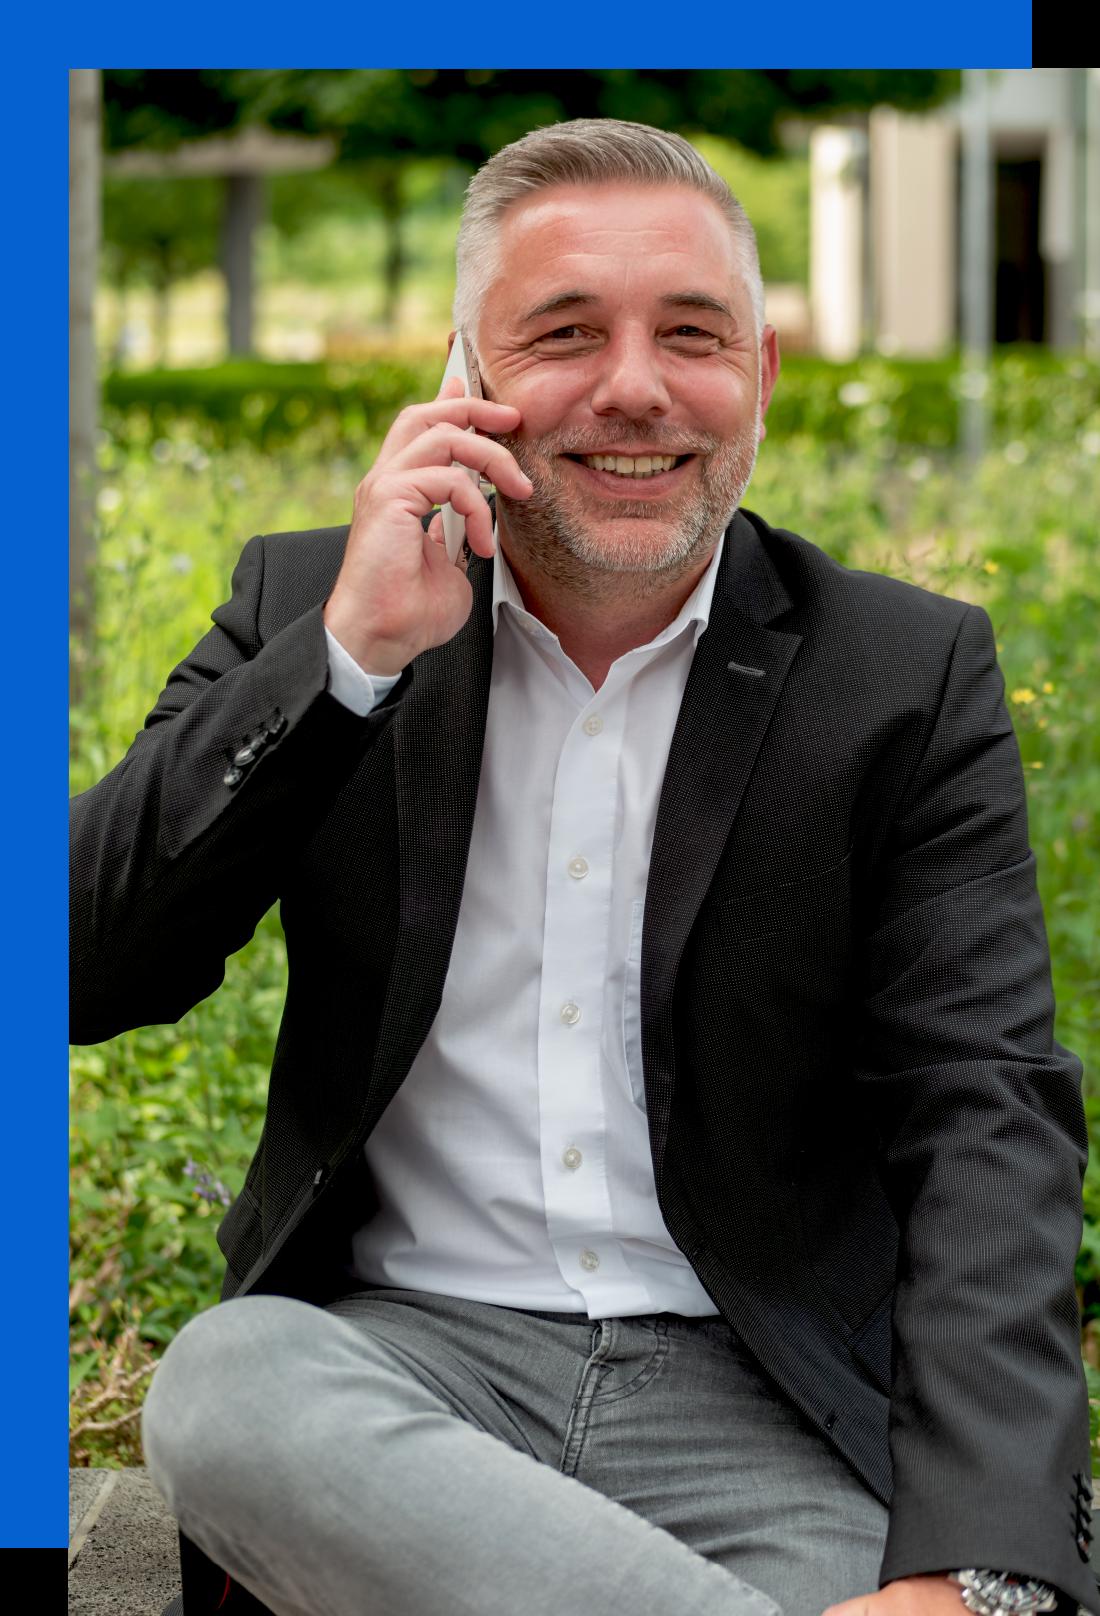 Claudius Kolodziej - Immobilienmakler beim Telefonieren